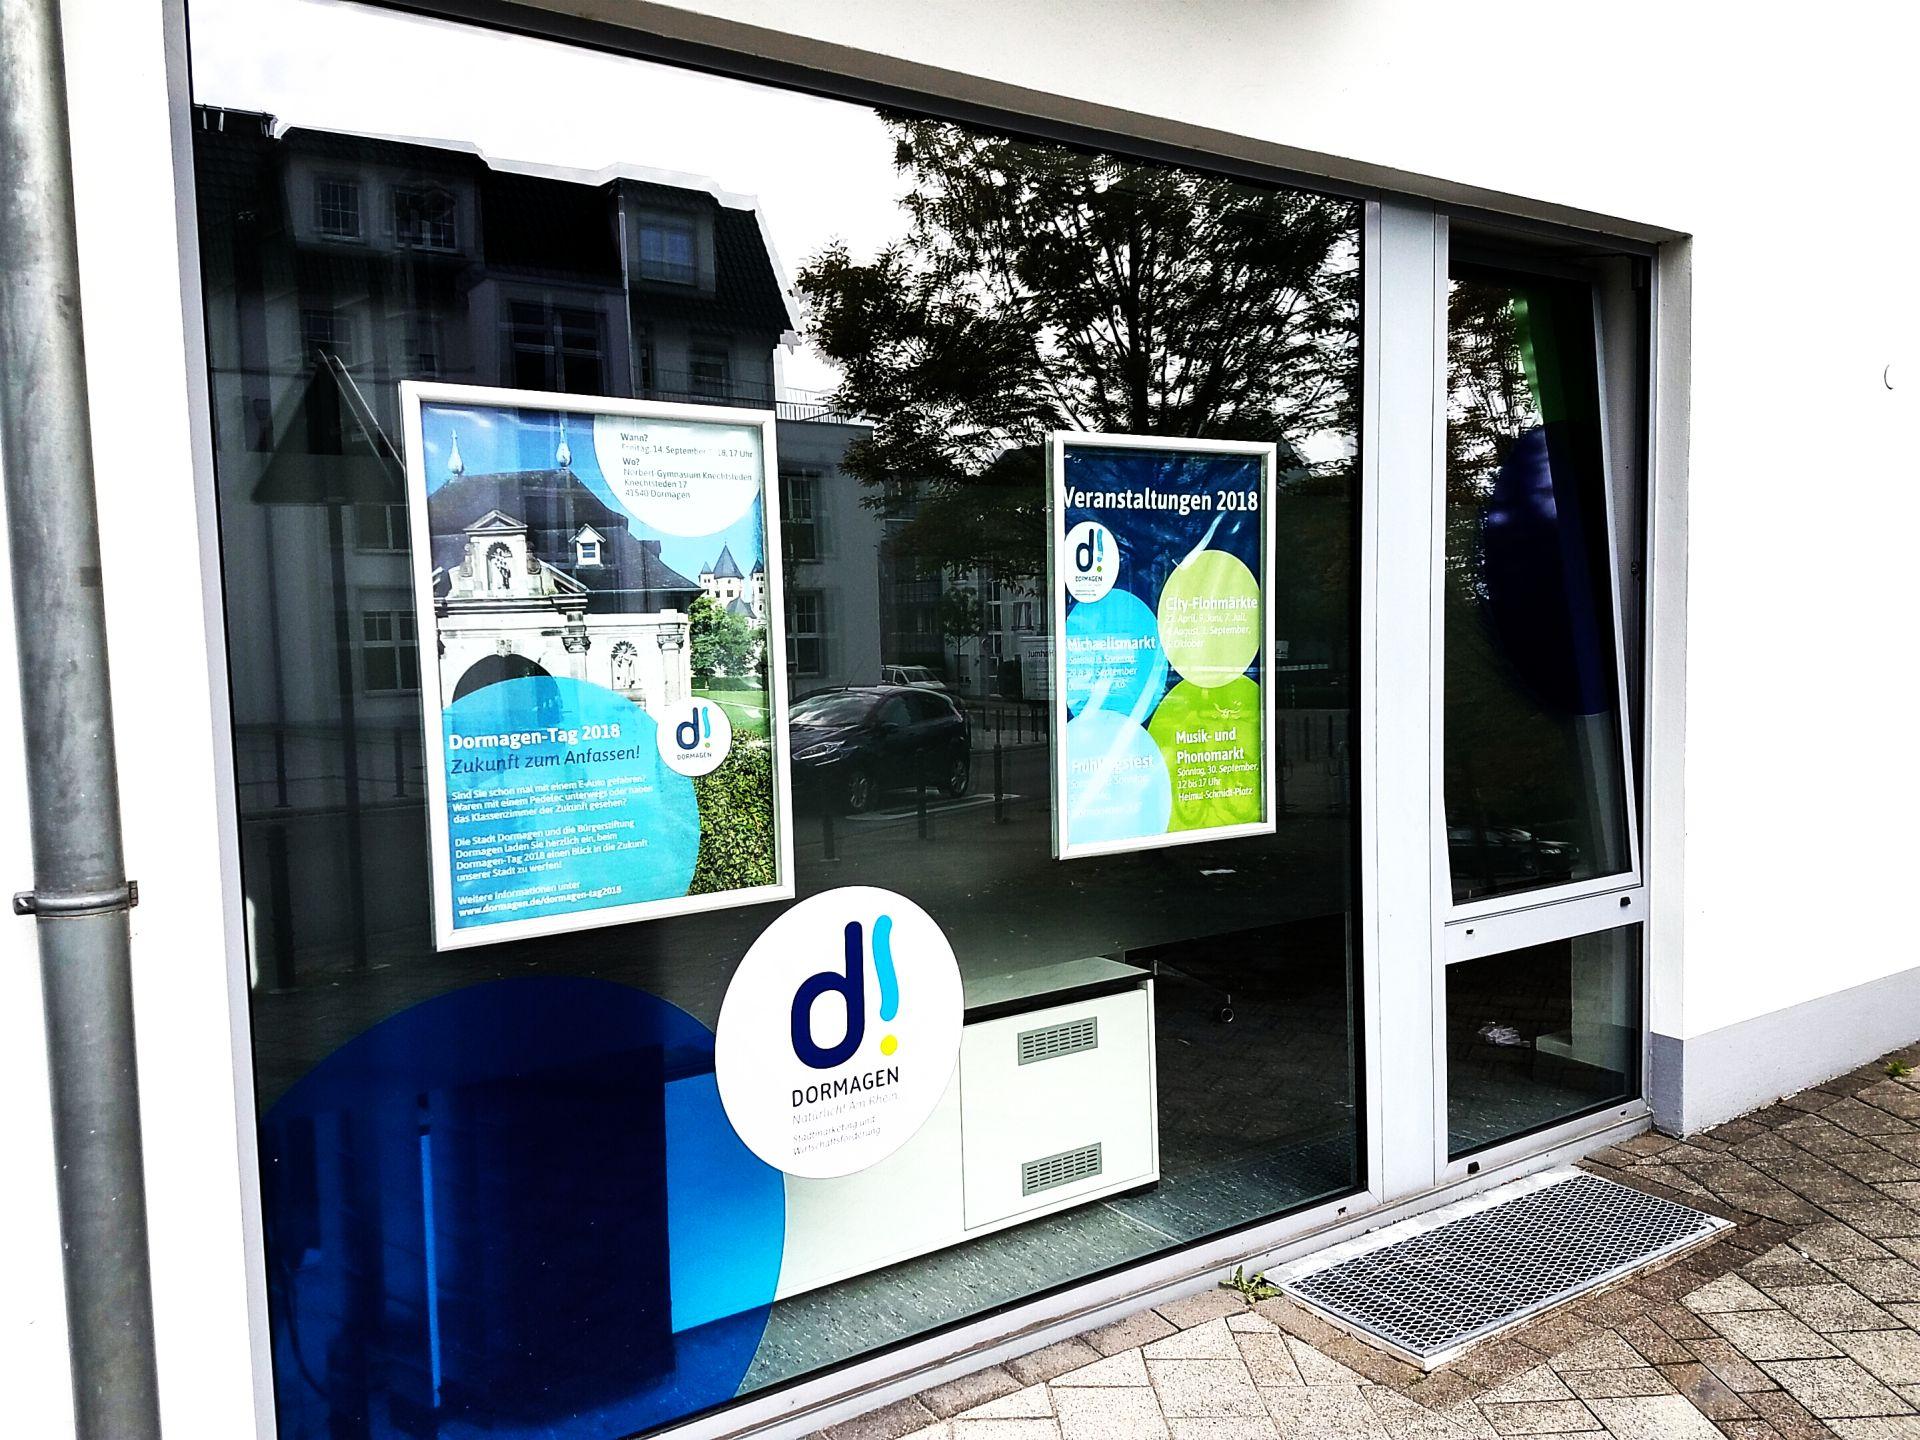 Natürlich: Seit Mai ist das Bürogebäude der Stadtmarketing- und Wirtschaftsförderungsgesellschaft Dormagen (SWD) Unter den Hecken für jeden sichtbar im neuen Markendesign gebrandet und trägt das Dormagen-Logo in die Innenstadst hinein.